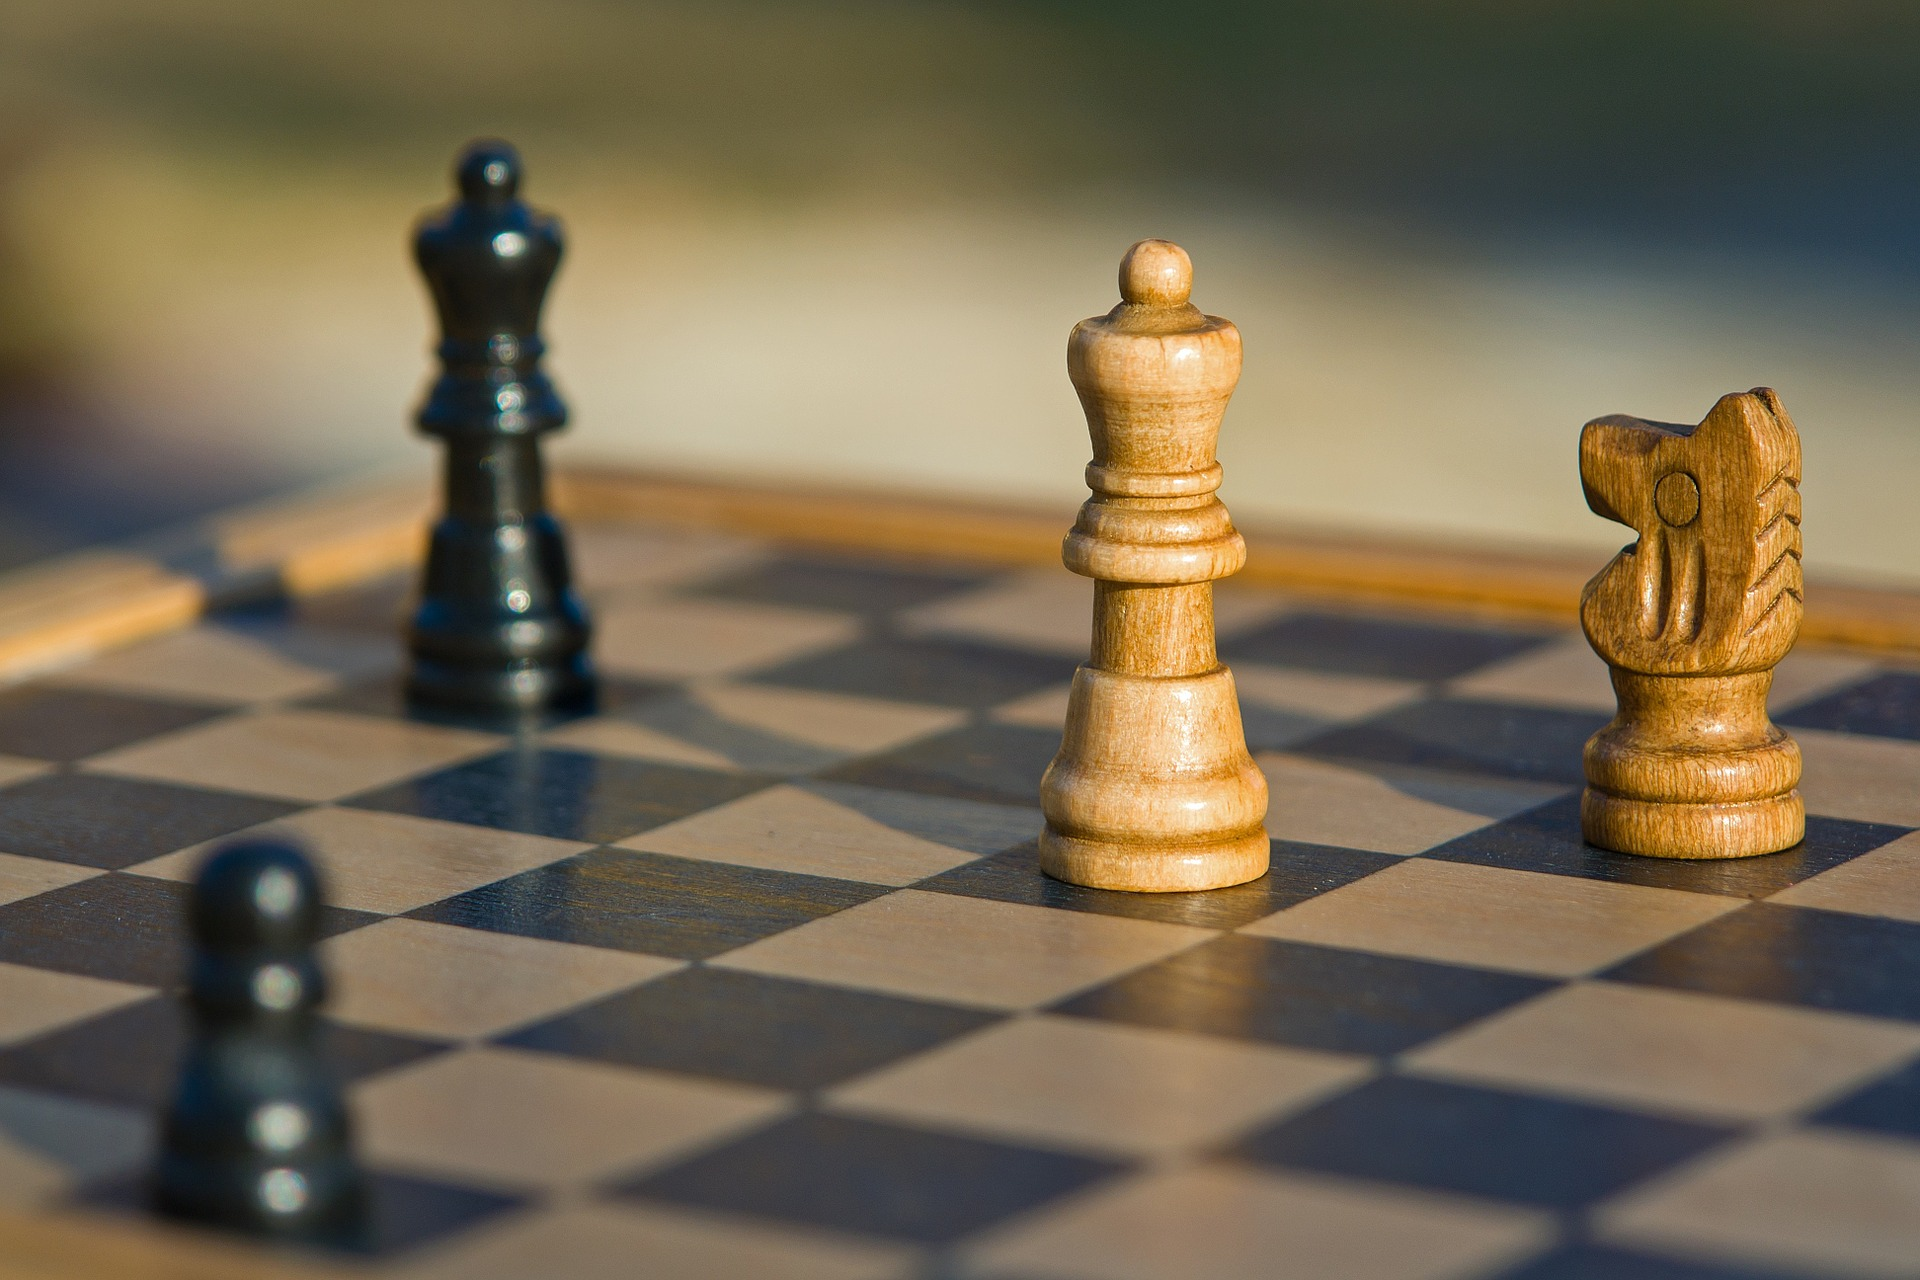 शतरंज, बोर्ड, टैब्स, रणनीति, बोर्ड खेलों - HD वॉलपेपर - प्रोफेसर-falken.com